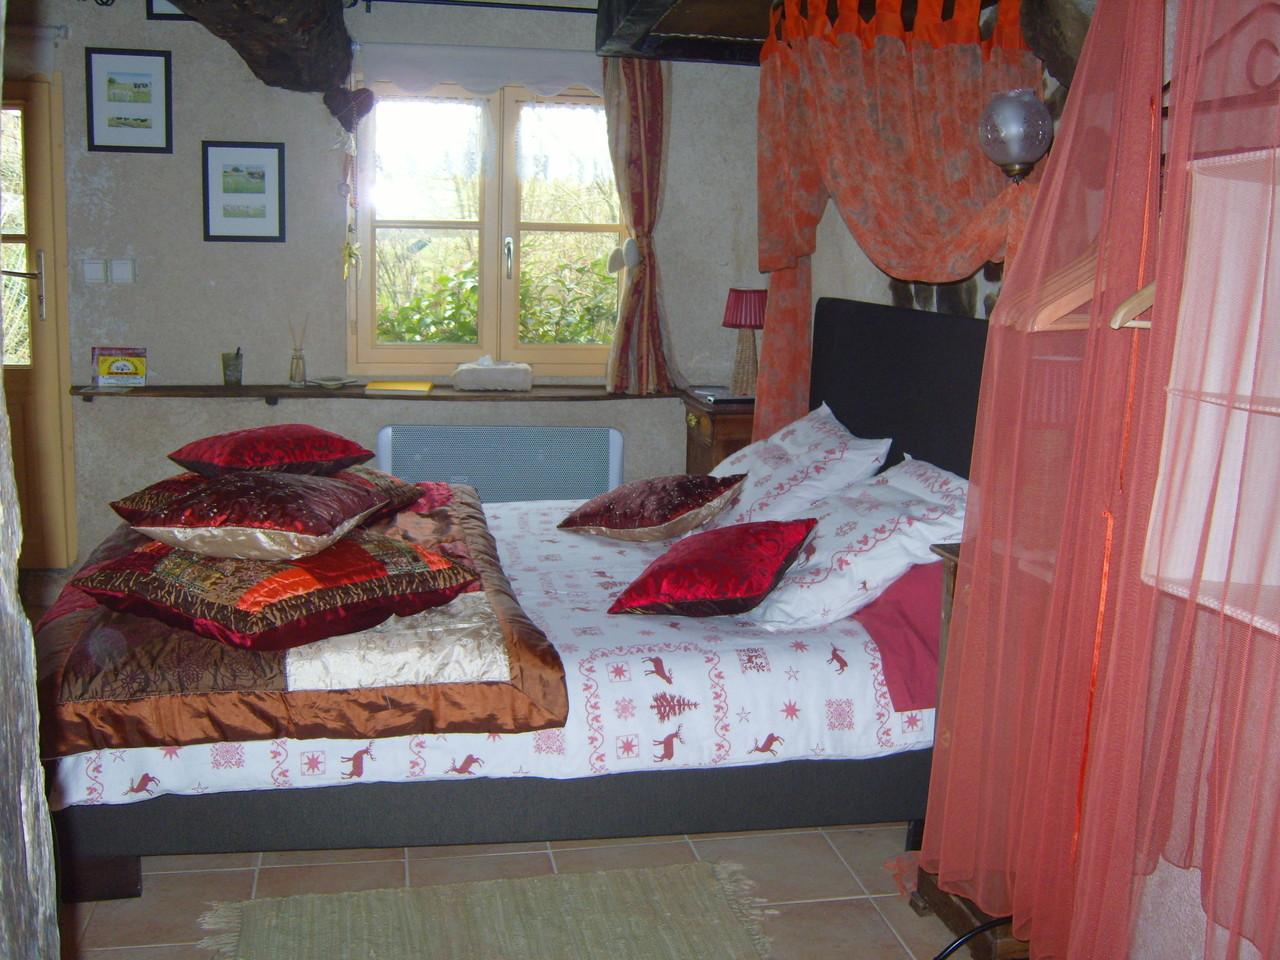 le lit est installé dans l'ancienne cheminée conservée avec sa hotte en torchis